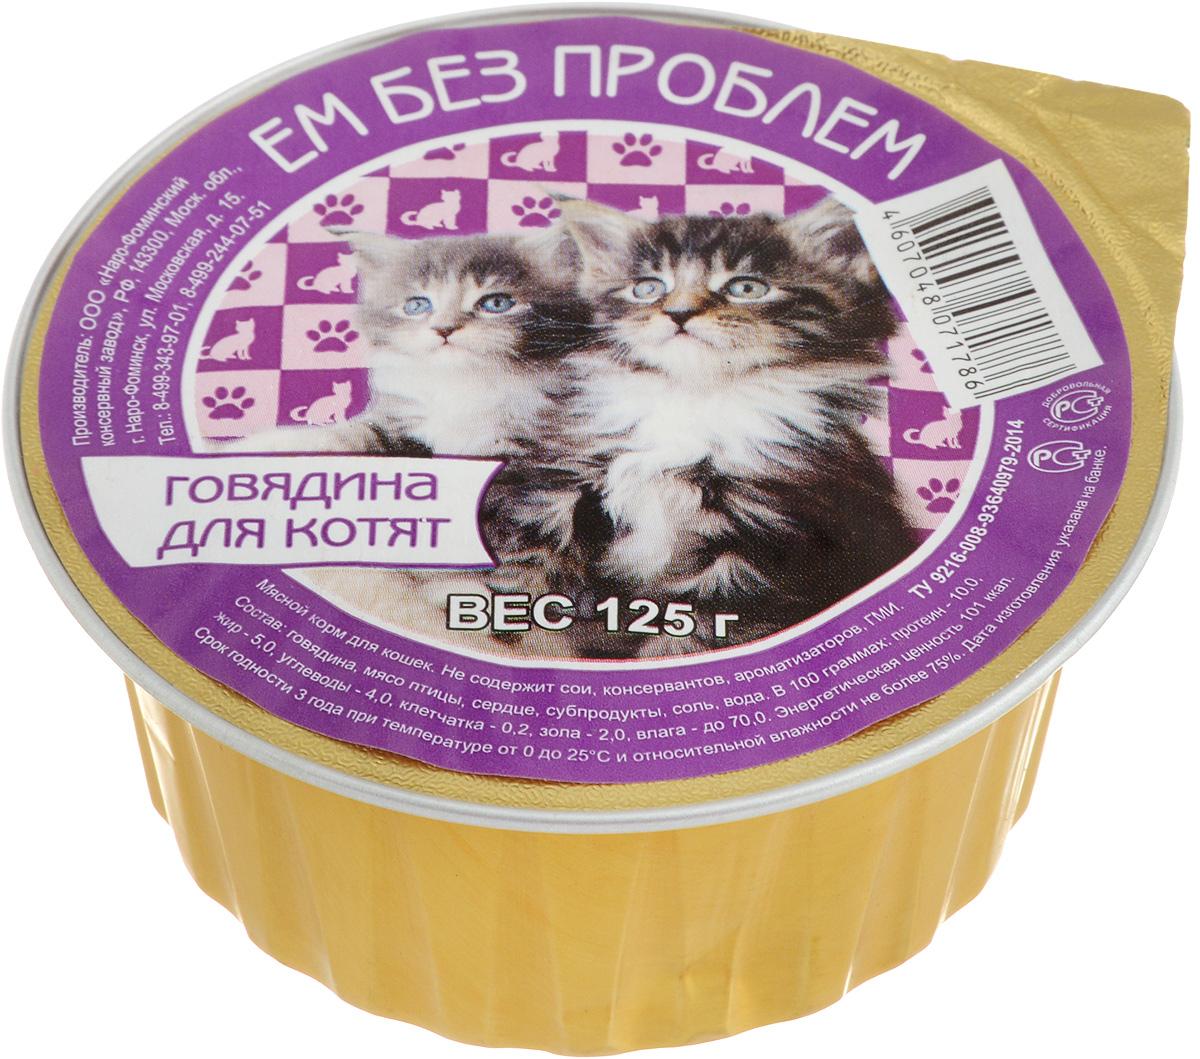 Консервы для котят Ем без проблем, с говядиной, 125 г00-00001466Консервы для котят Ем без проблем изготовлены из натурального российского мяса. Не содержат сои, консервантов, ароматизаторов и генномодифицированных продуктов. Консервы для котят представляют собой натуральный и абсолютно безвредный продукт, созданный с учетом потребностей маленького питомца. В сыром корме содержится только свежее мясо без вредных добавок. Благодаря натуральному составу консервированным кормам свойственно насыщение натуральными белками, которые нужны вашему щенку на этапе взросления и физического развития. Состав: говядина, мясо птицы, сердце, субпродукты, мука, соль. Пищевая ценность: протеин 10%, жир 5%, углеводы 4%, клетчатка 0,2%, зола 2%, влага до 70%. Вес: 125 г. Товар сертифицирован.